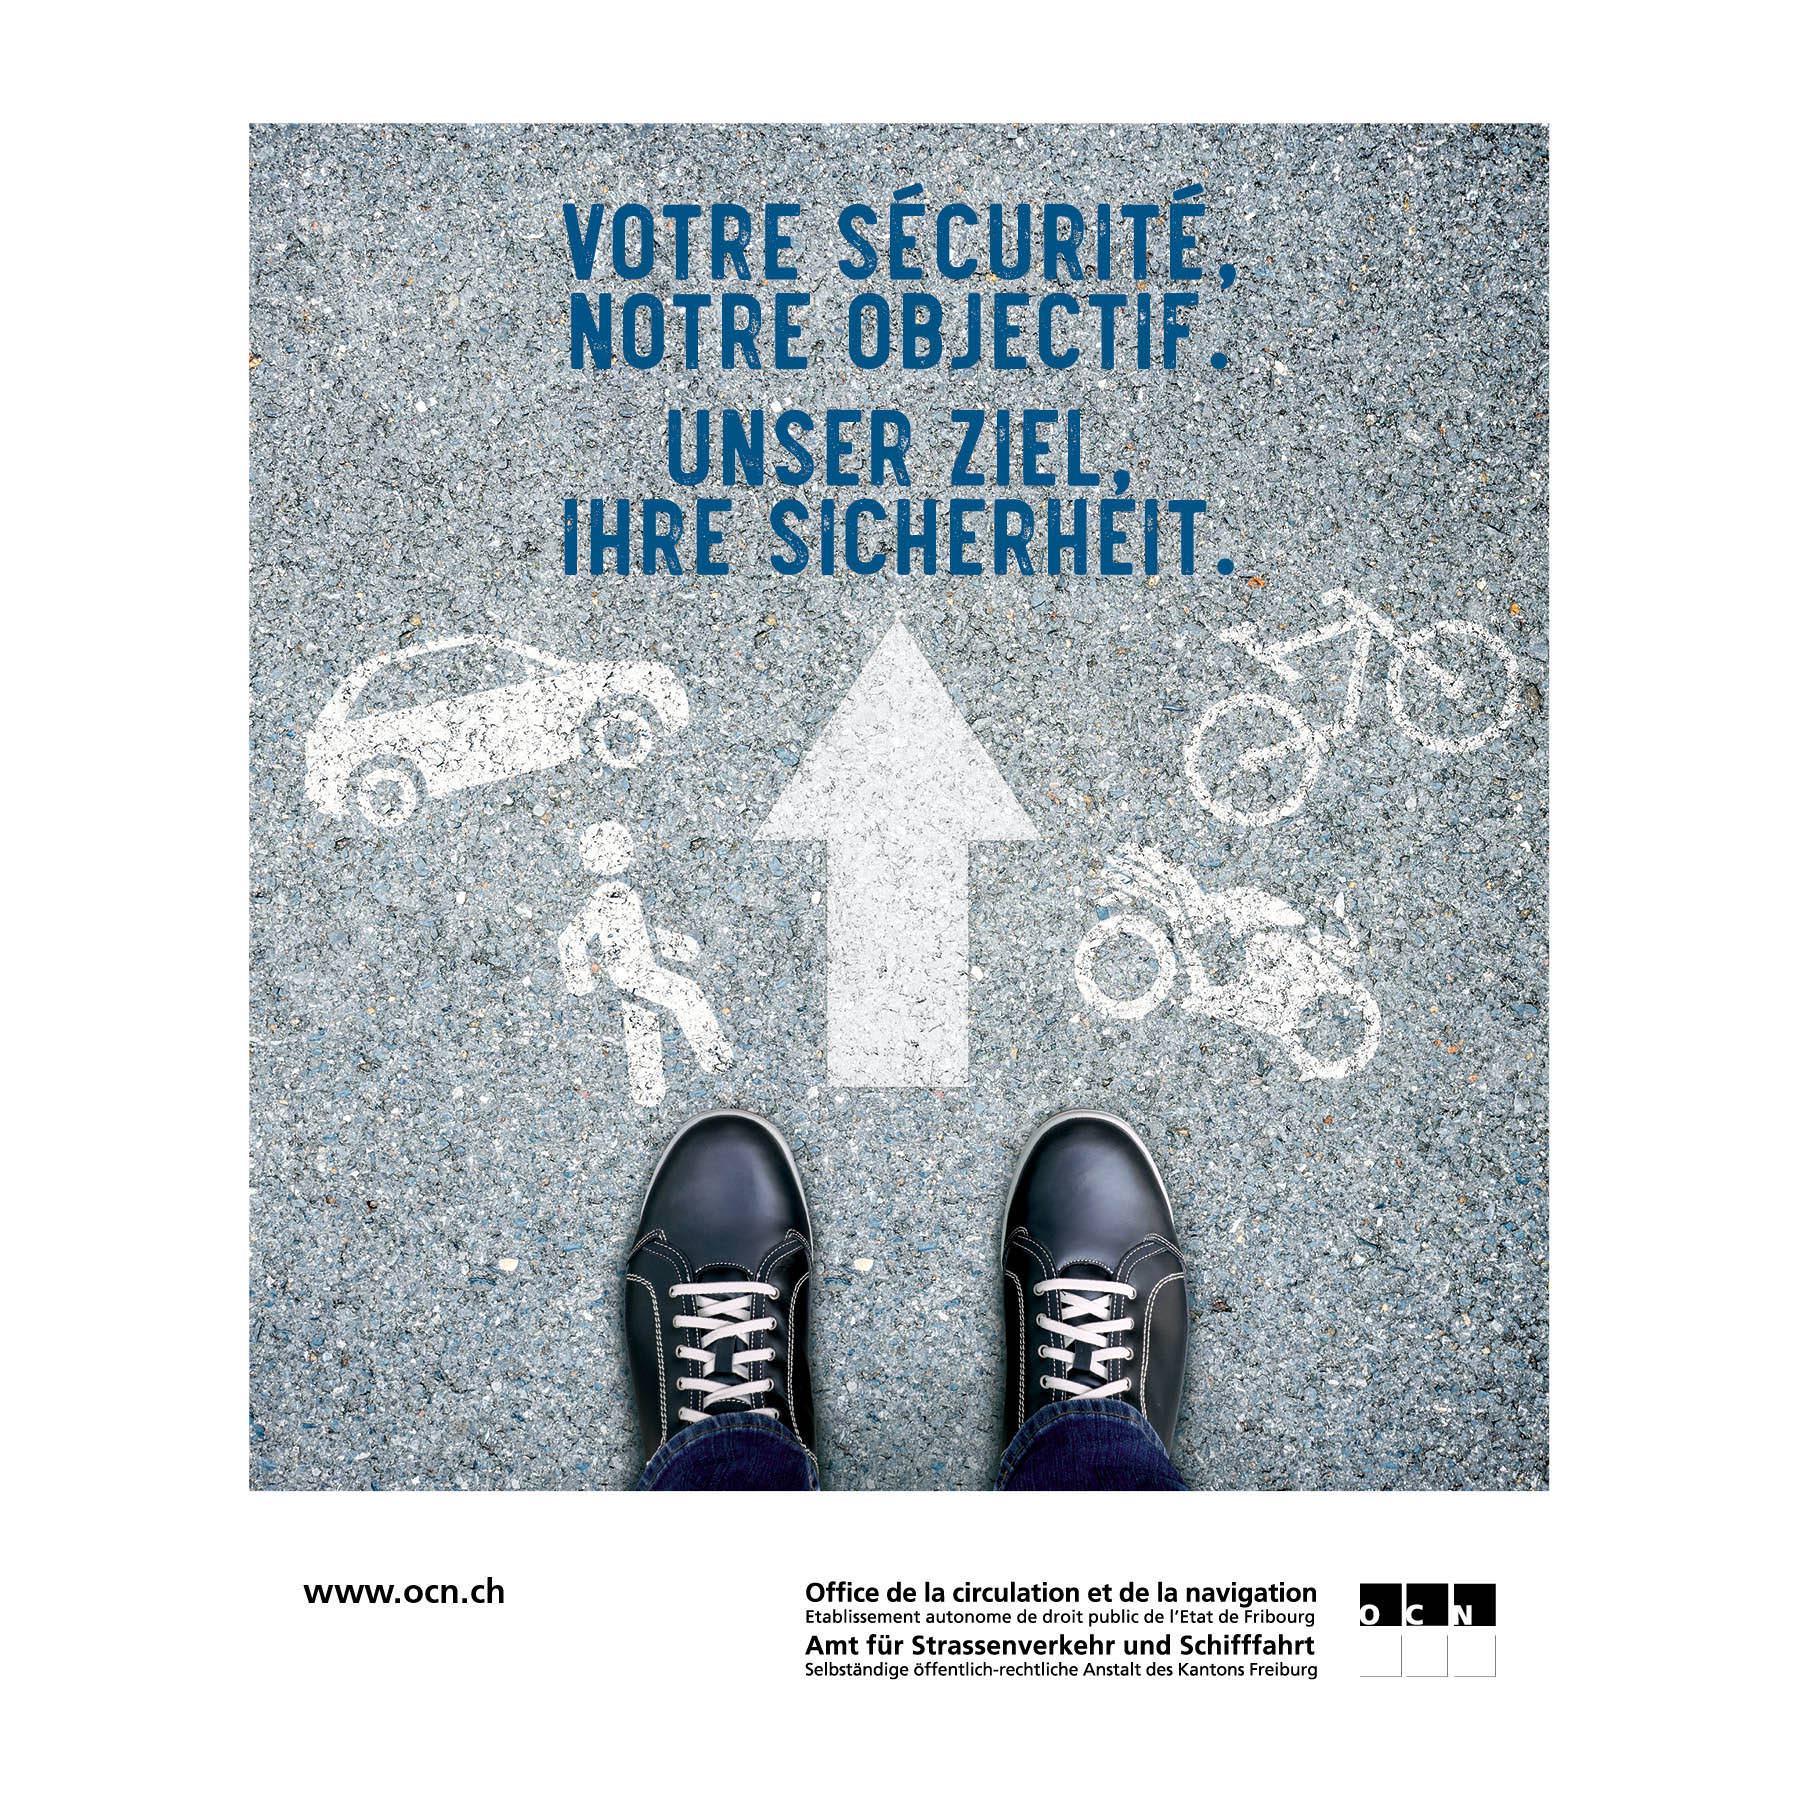 ocn campagne prévention sécurité